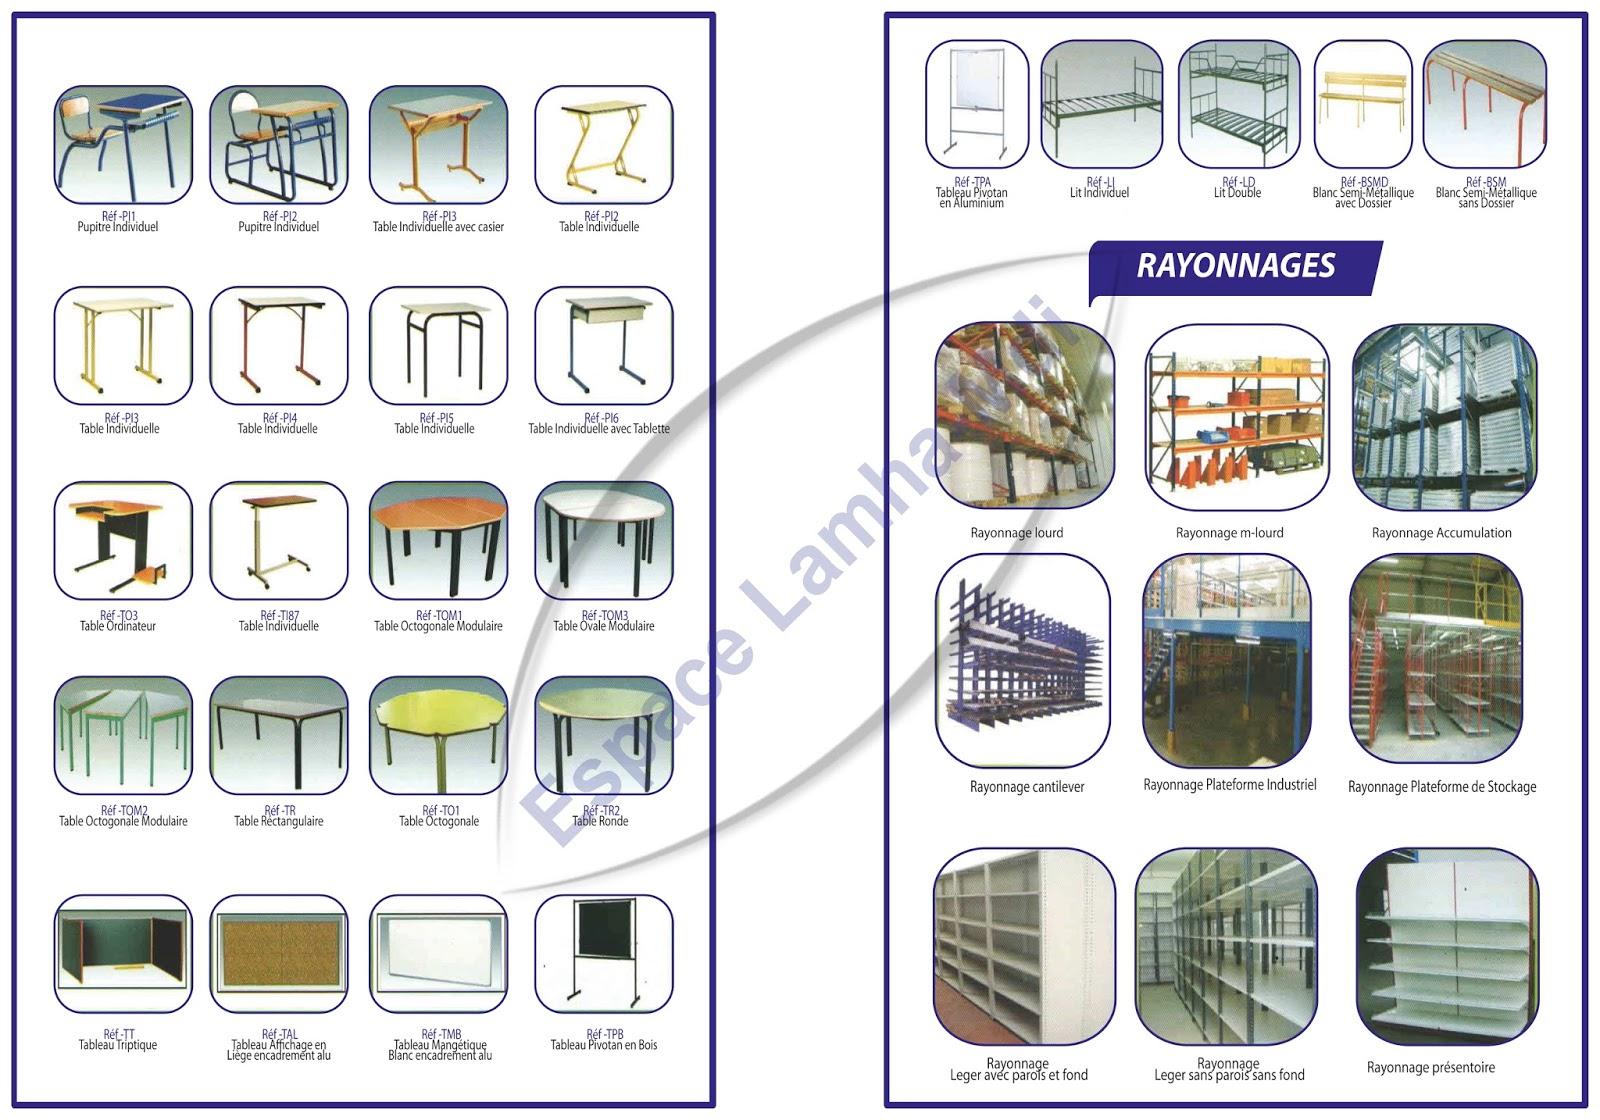 espace lamha mdi sarl rayonnage arrangement vestiaire cloisons amovibles faux plafonds. Black Bedroom Furniture Sets. Home Design Ideas